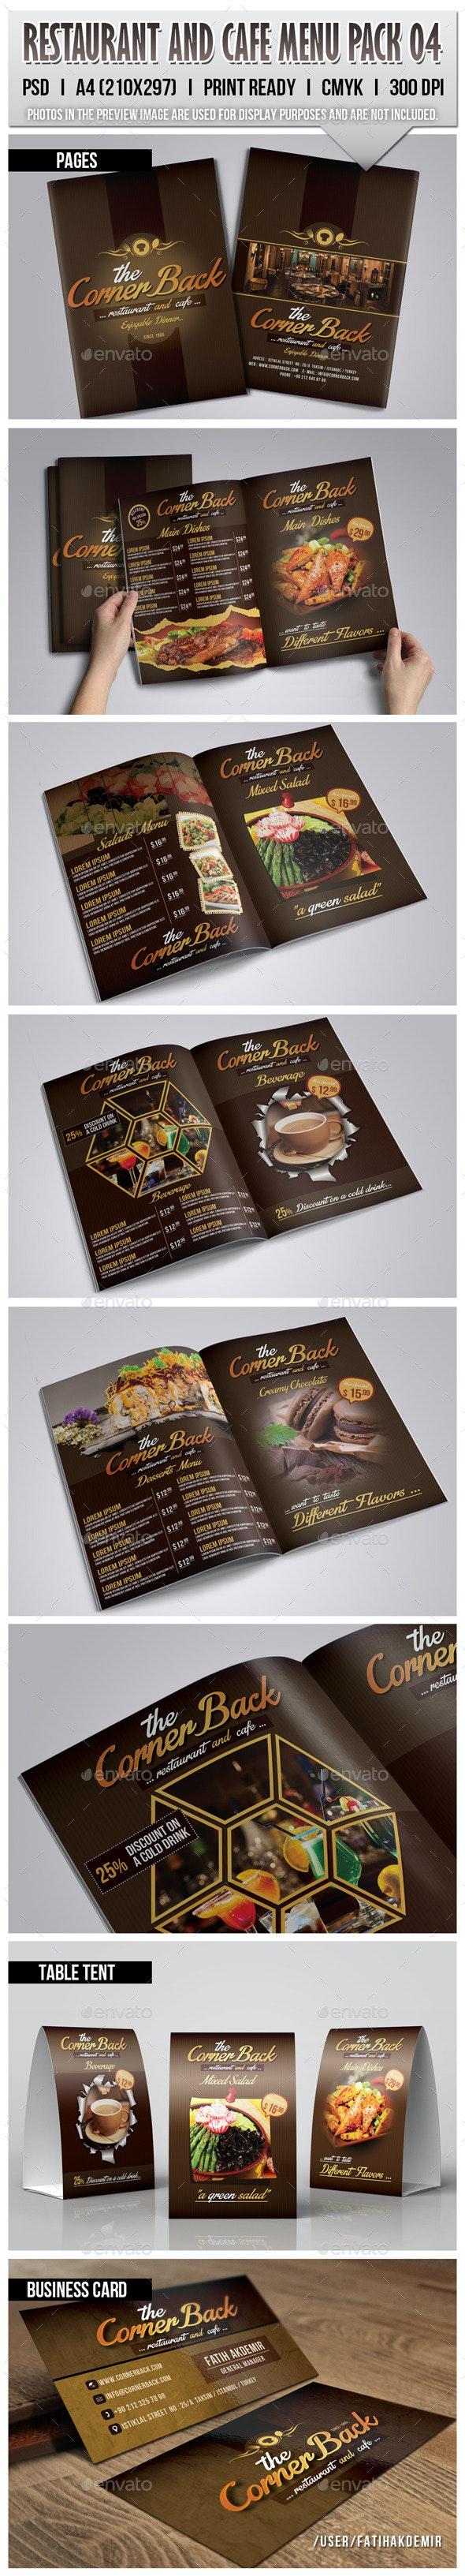 Restaurant & Cafe Menu Pack 04